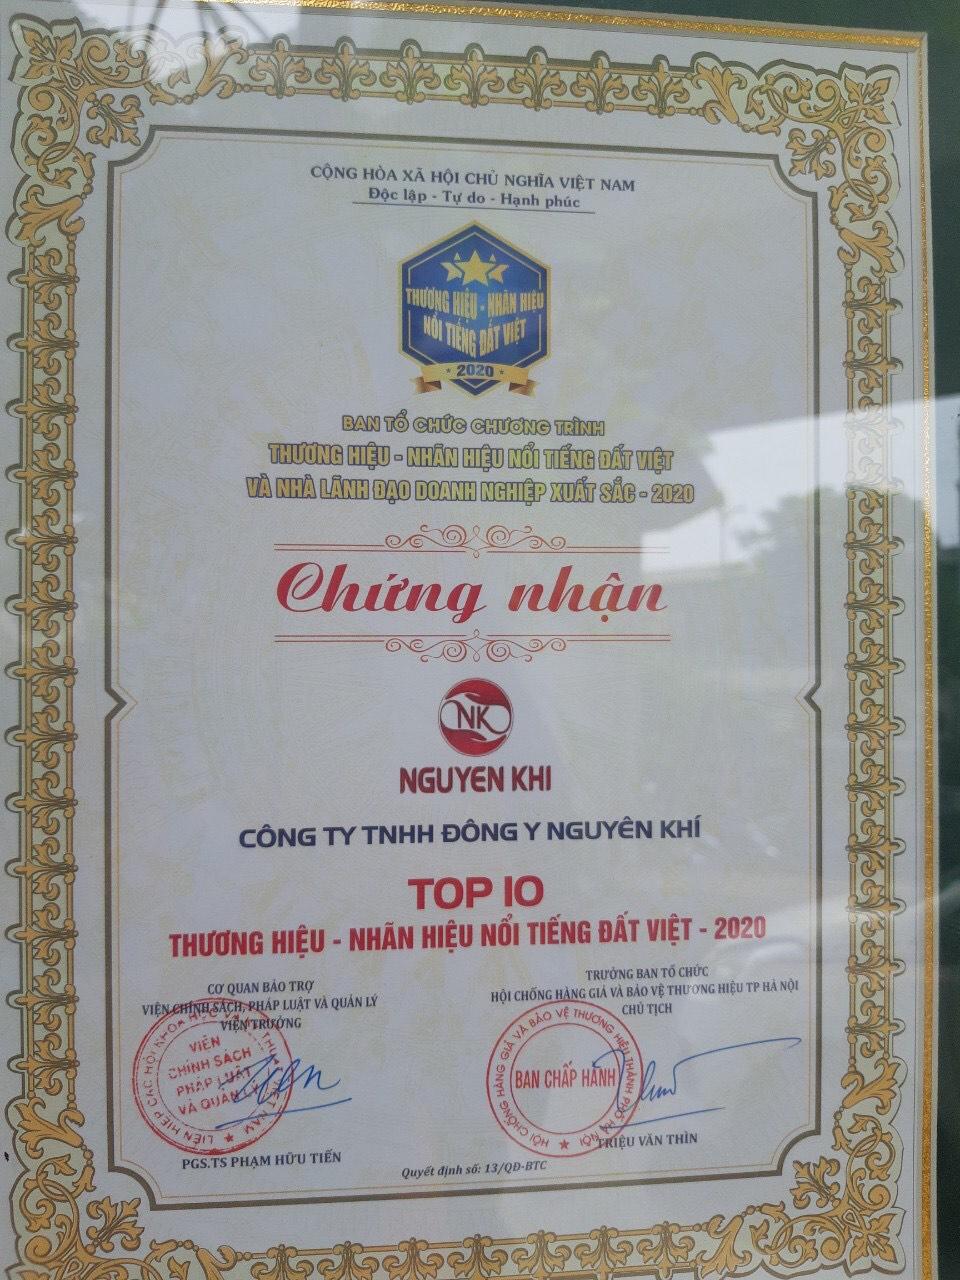 Vinh danh thương hiệu Đông y Nguyên Khí tại lễ trao giải Thương hiệu – Nhãn hiệu nổi tiếng Đất Việt và Nhà lãnh đạo doanh nghiệp xuất sắc 2020 - Ảnh 2